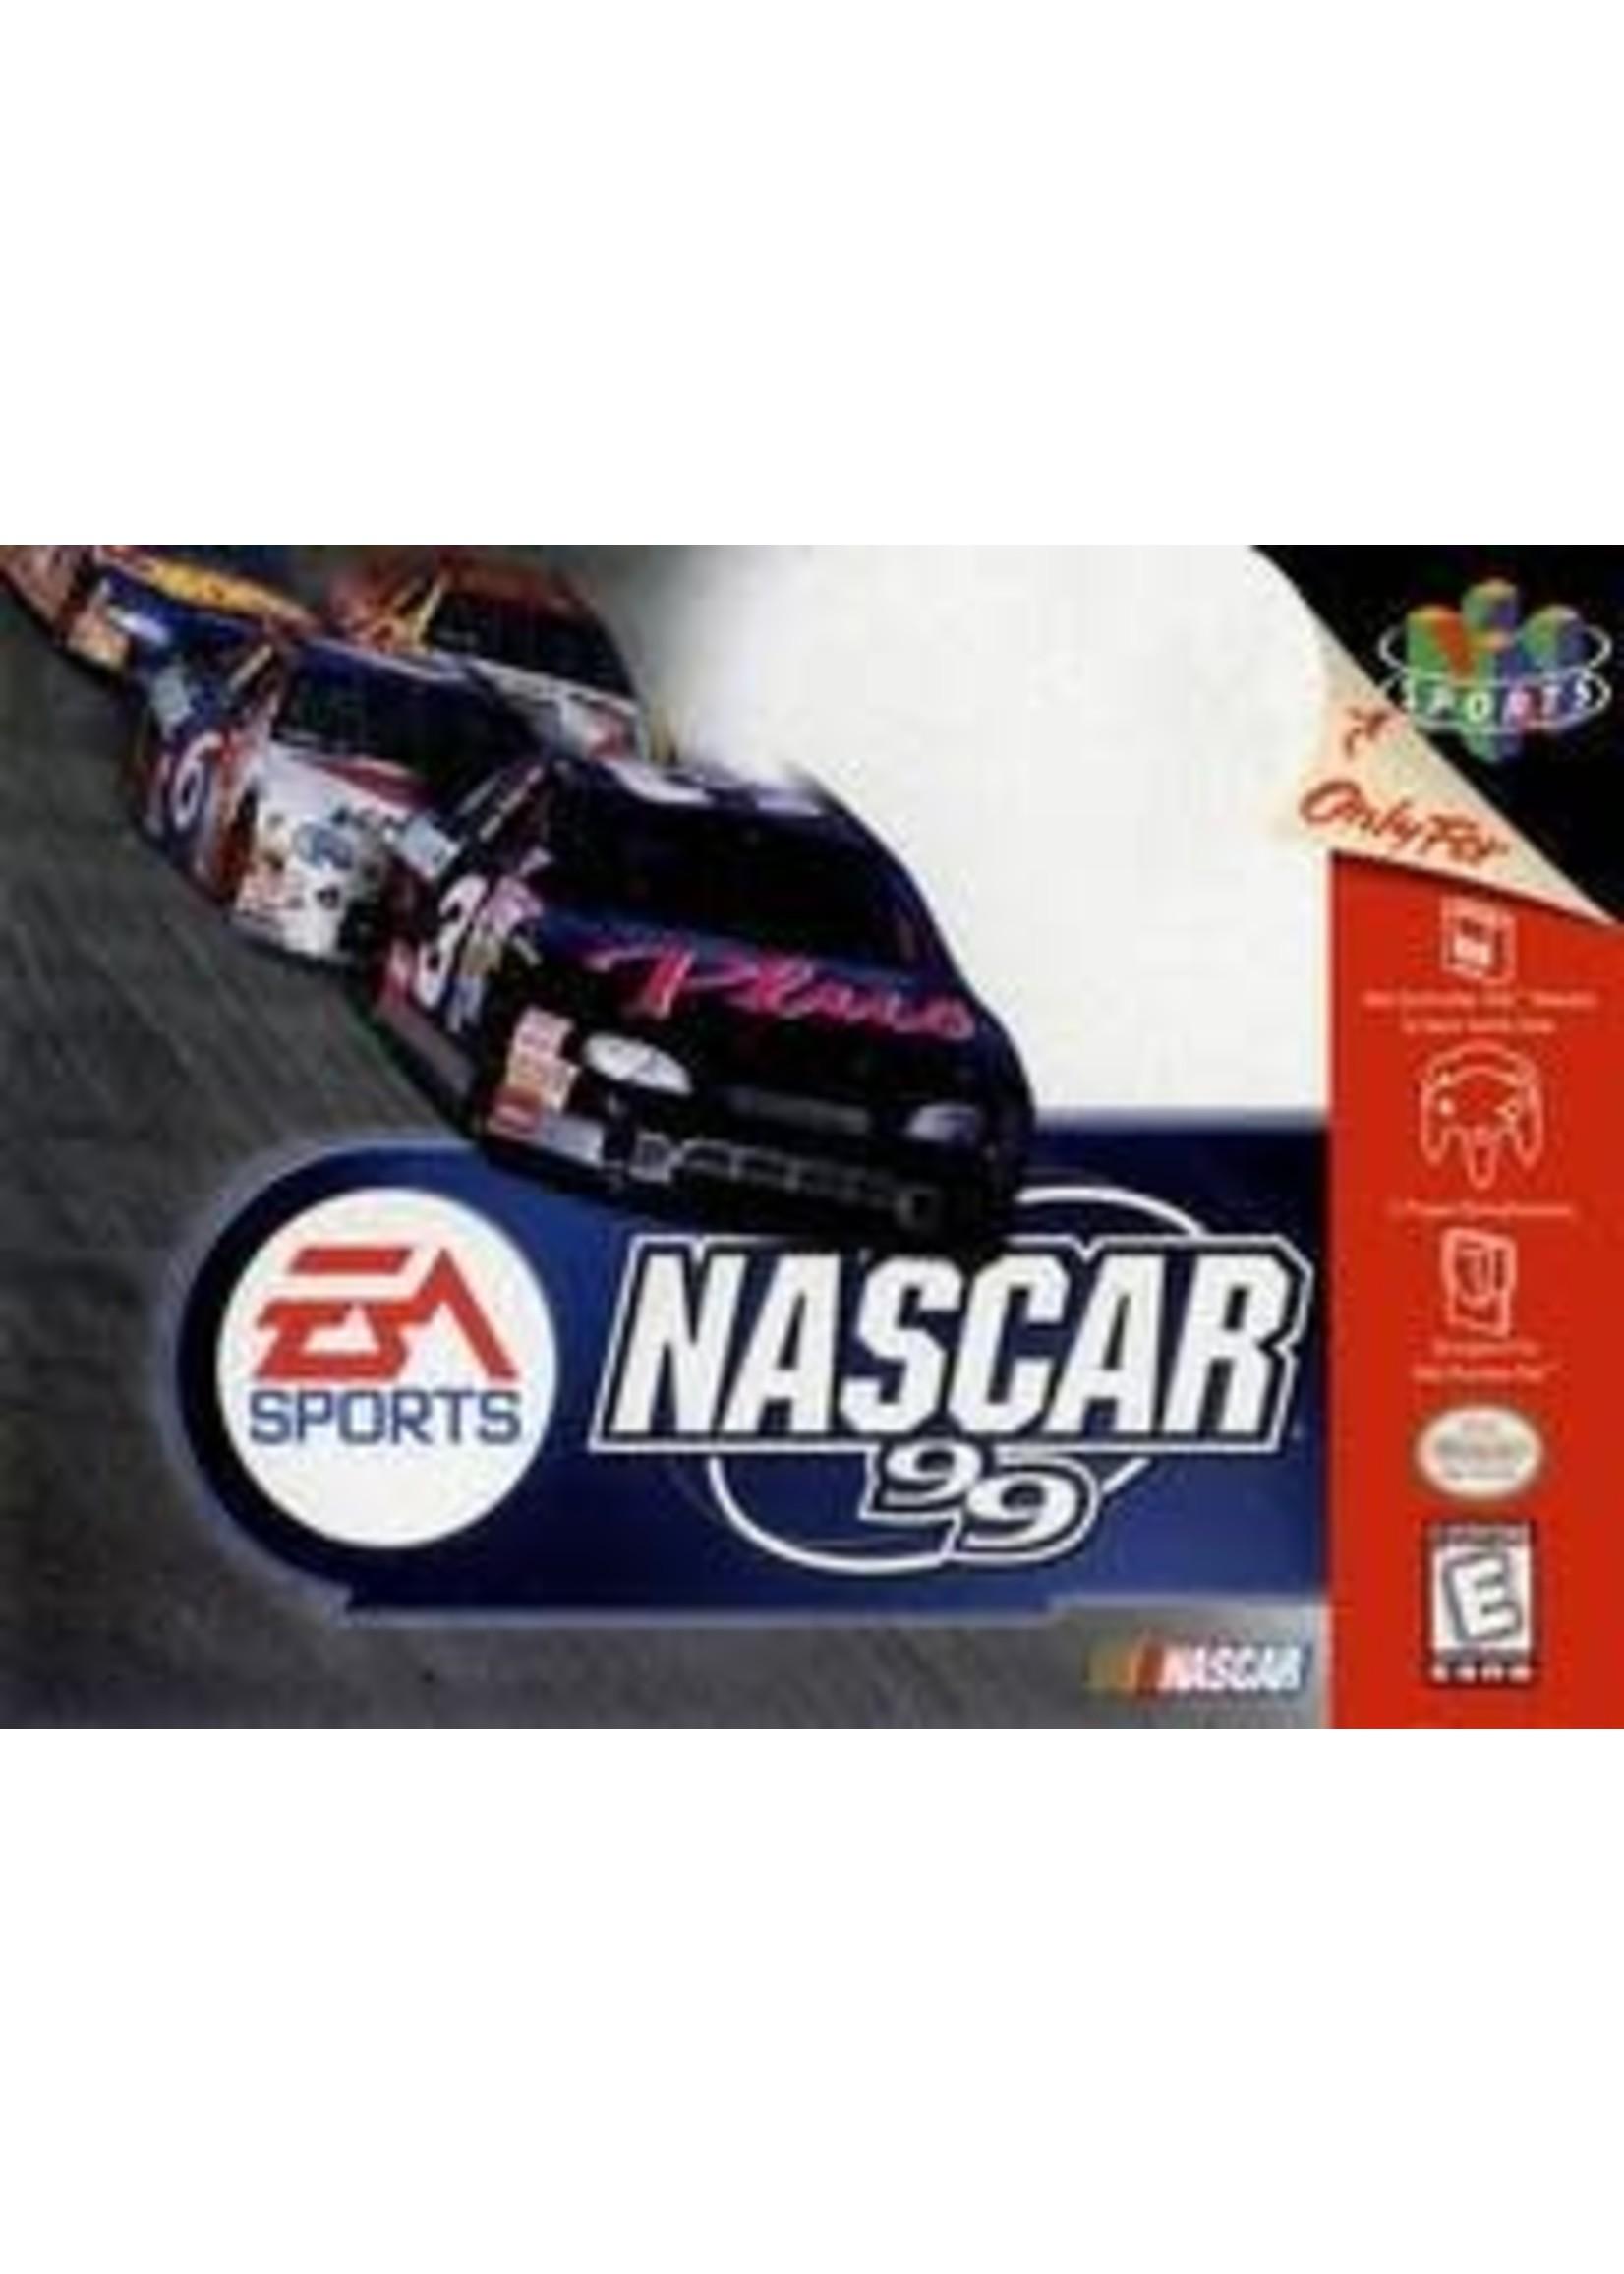 NASCAR 99 Nintendo 64